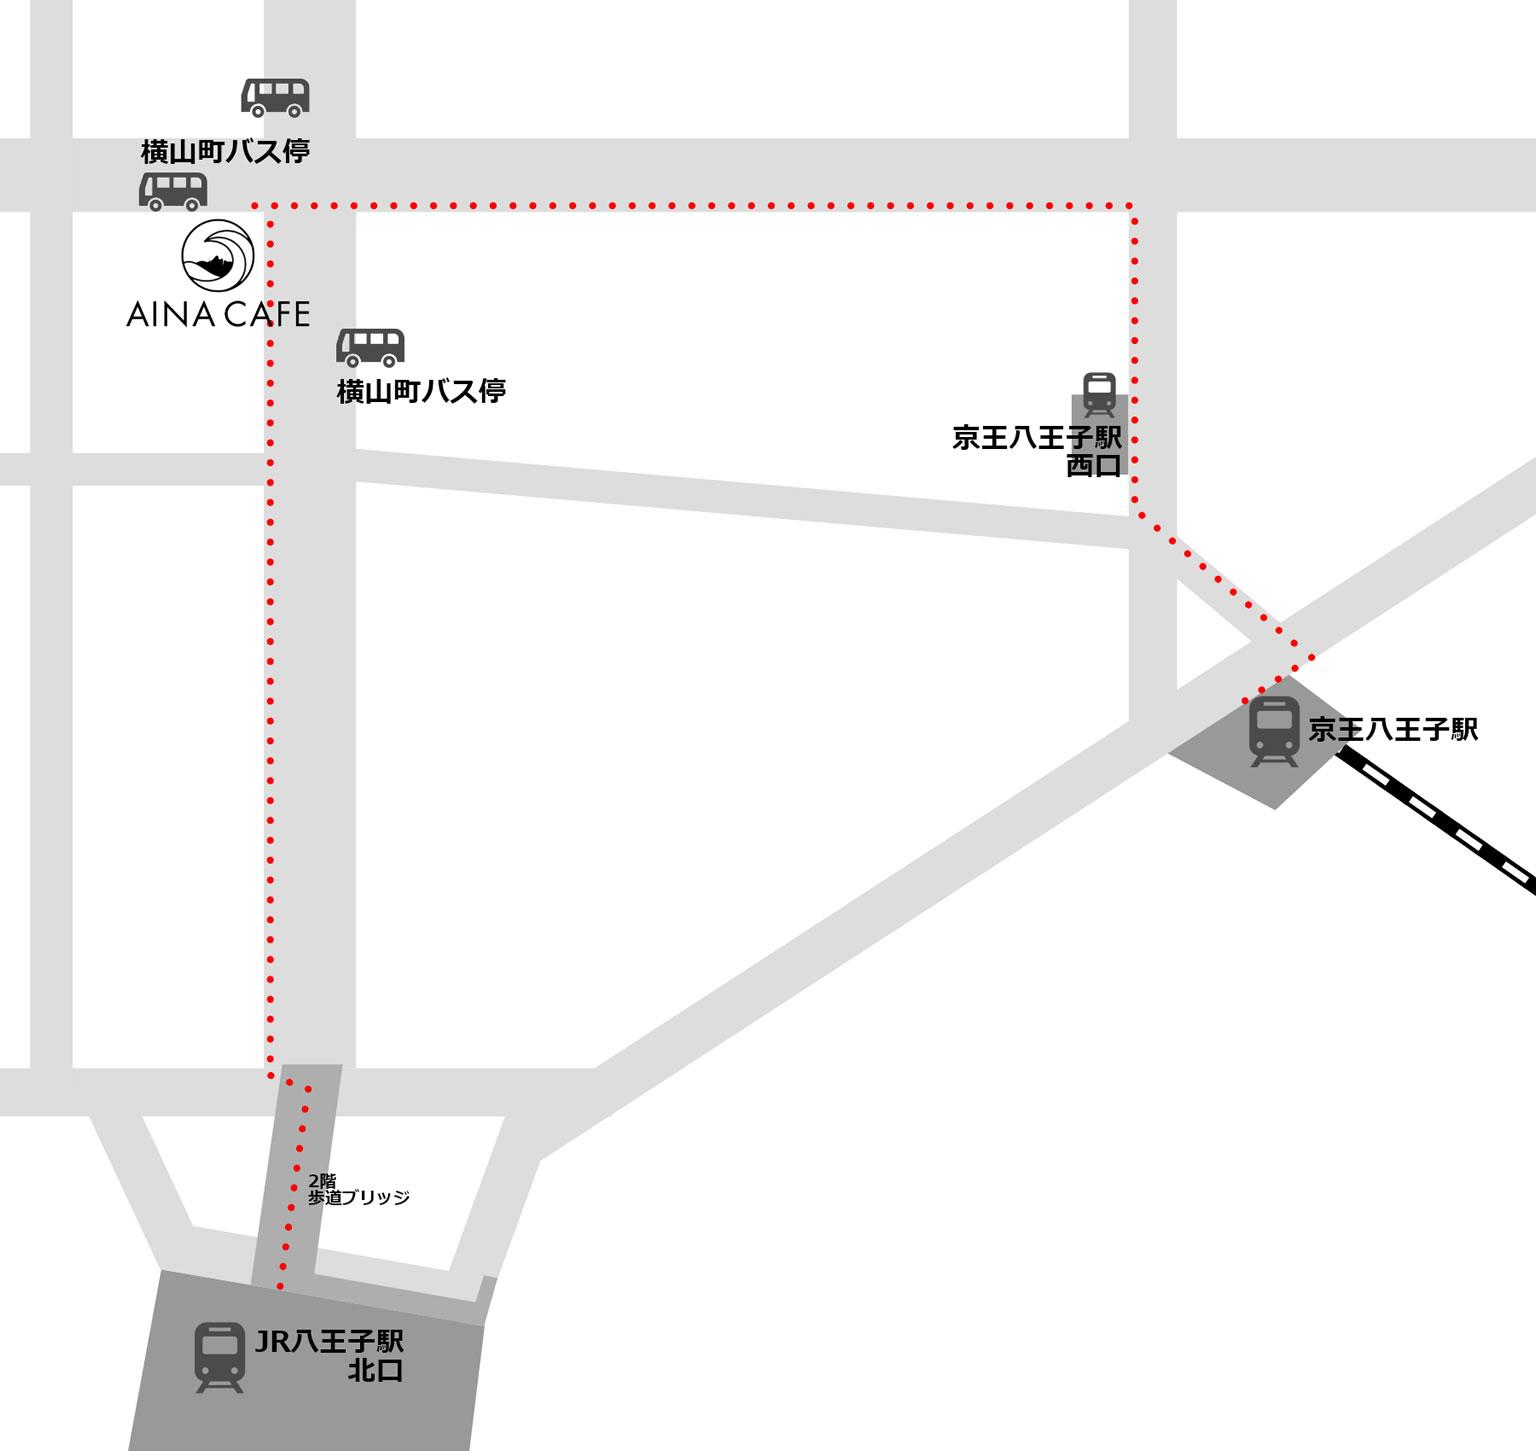 アイナカフェは八王子駅、京王八王子駅、横山町バス停から徒歩圏内です。